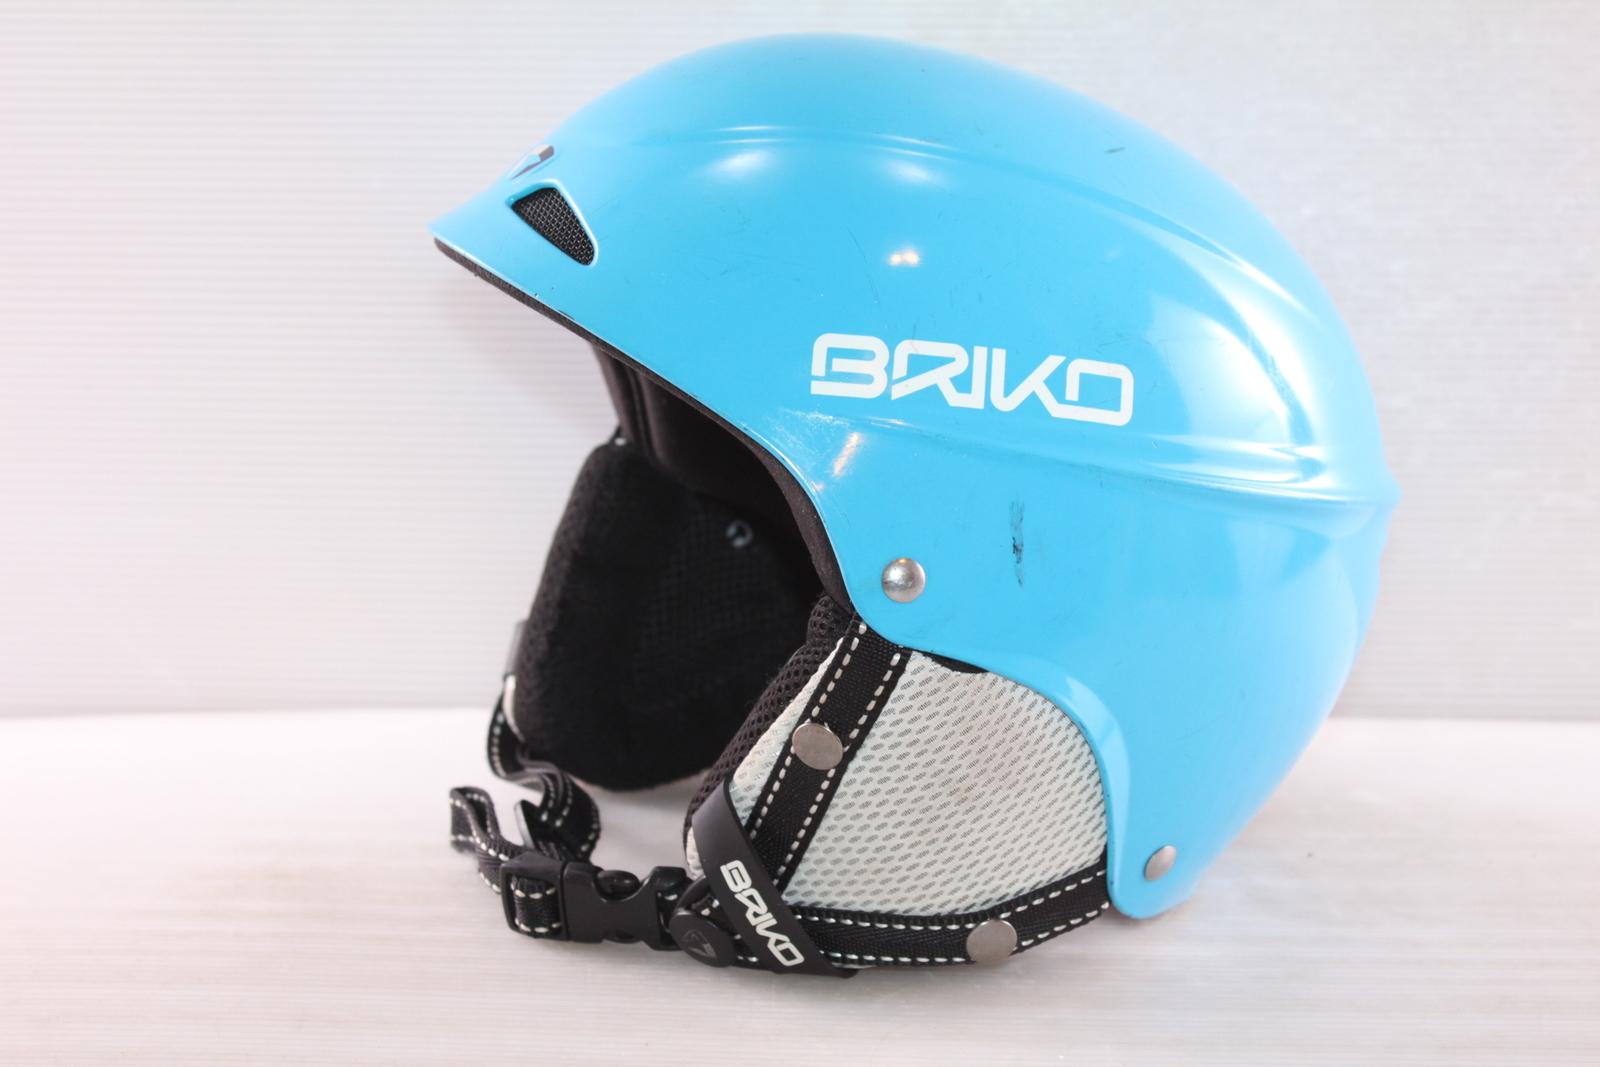 Dětská lyžařská helma Briko Pico - posuvná vel. 50 - 53